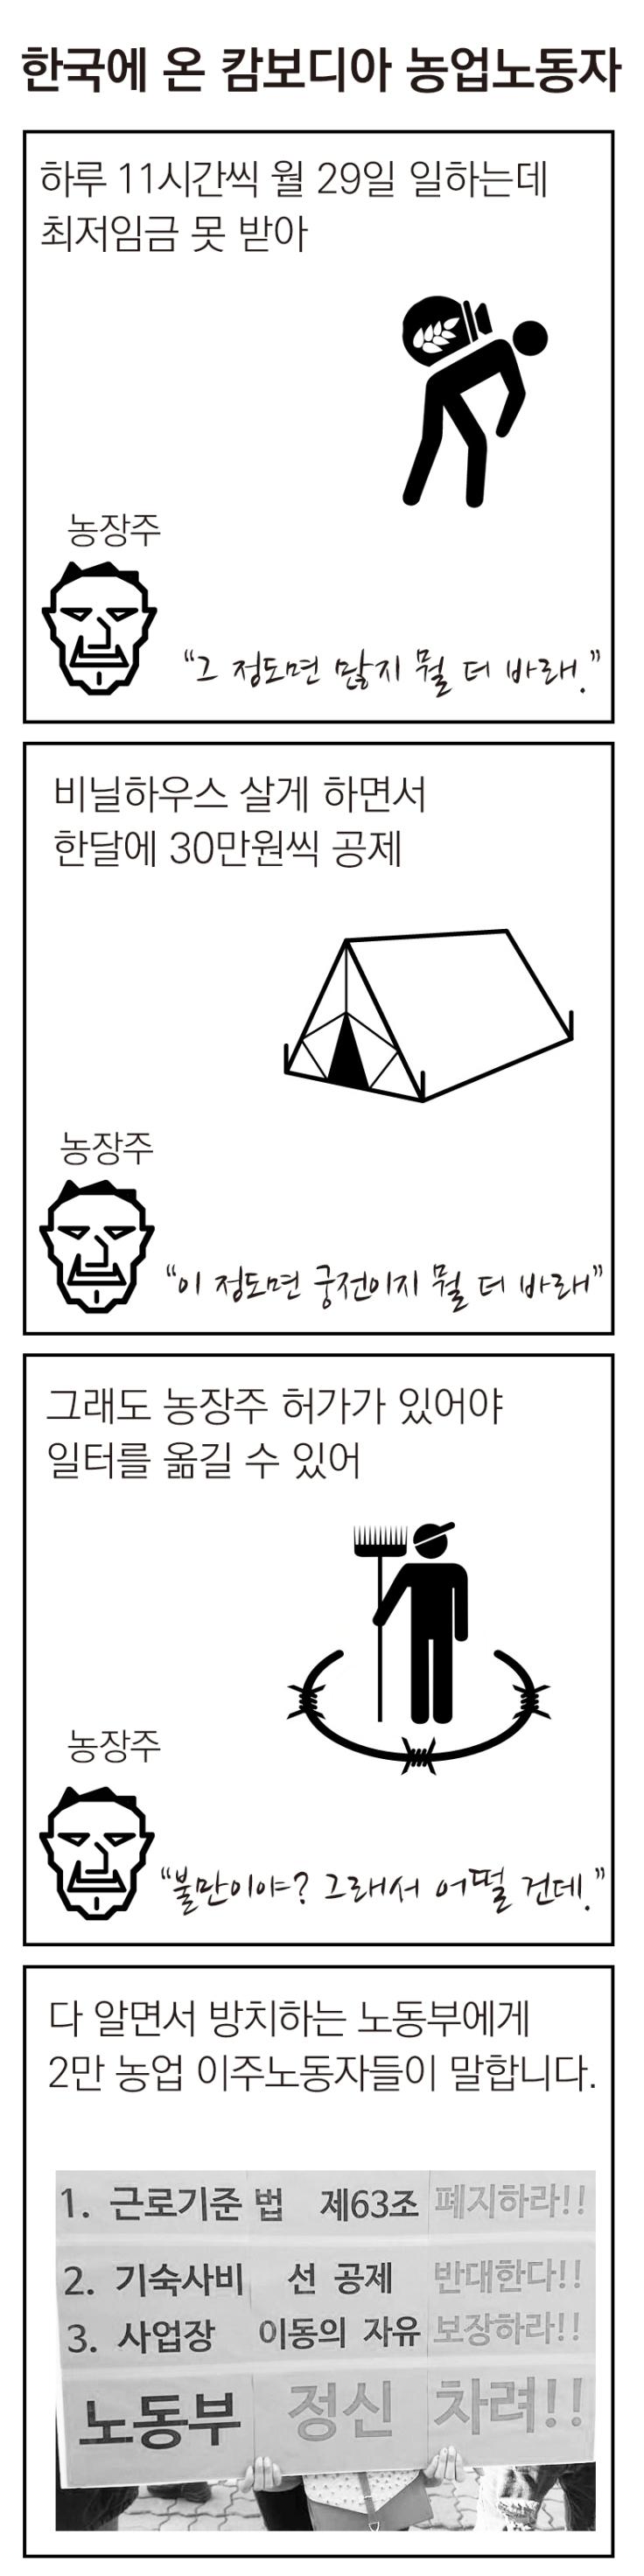 만화201601